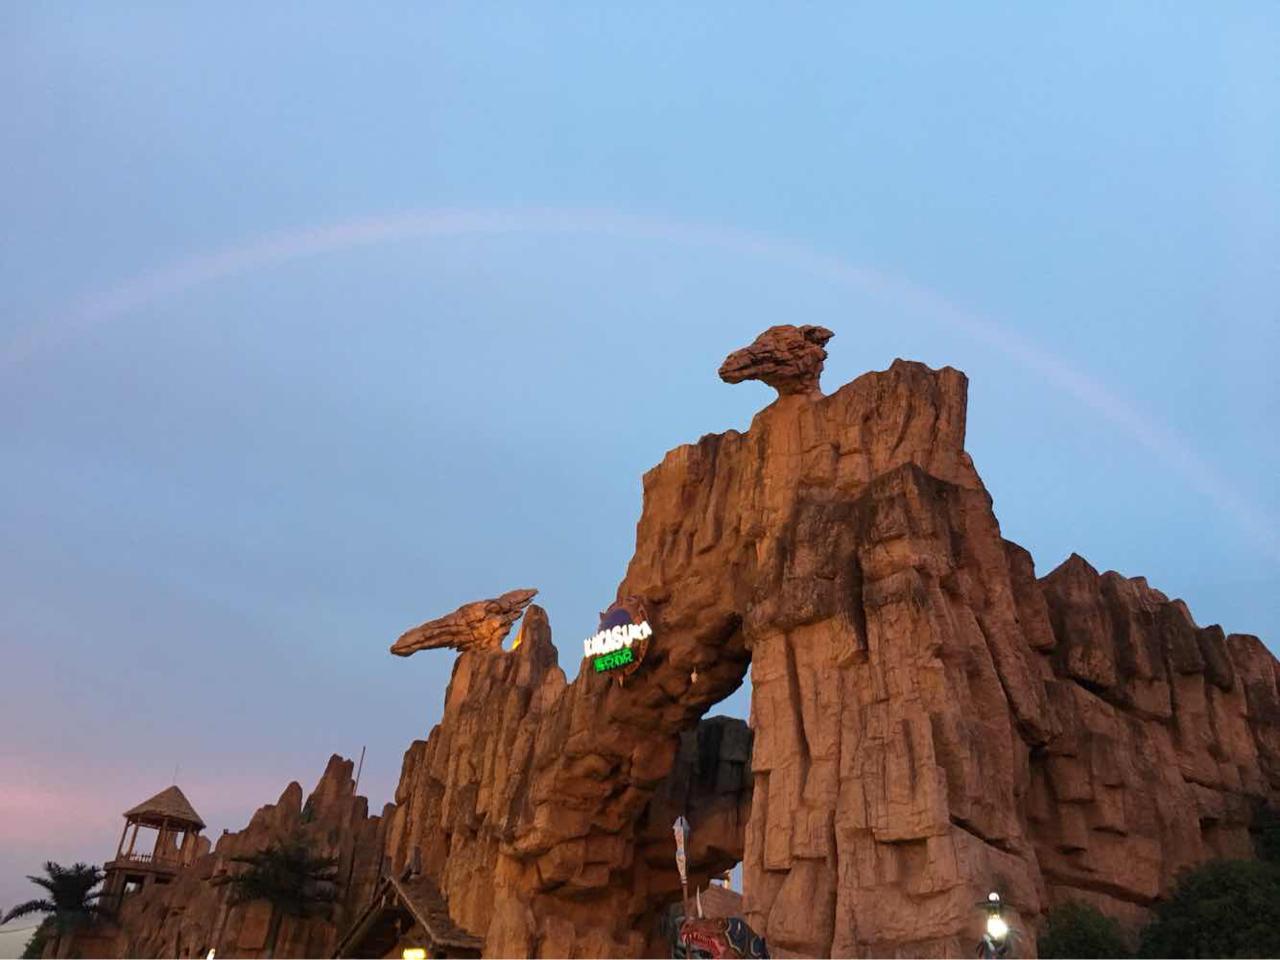 常州恐龙园 常州恐龙园夜公园 成人票 买一送一 常州恐龙园侏罗纪公